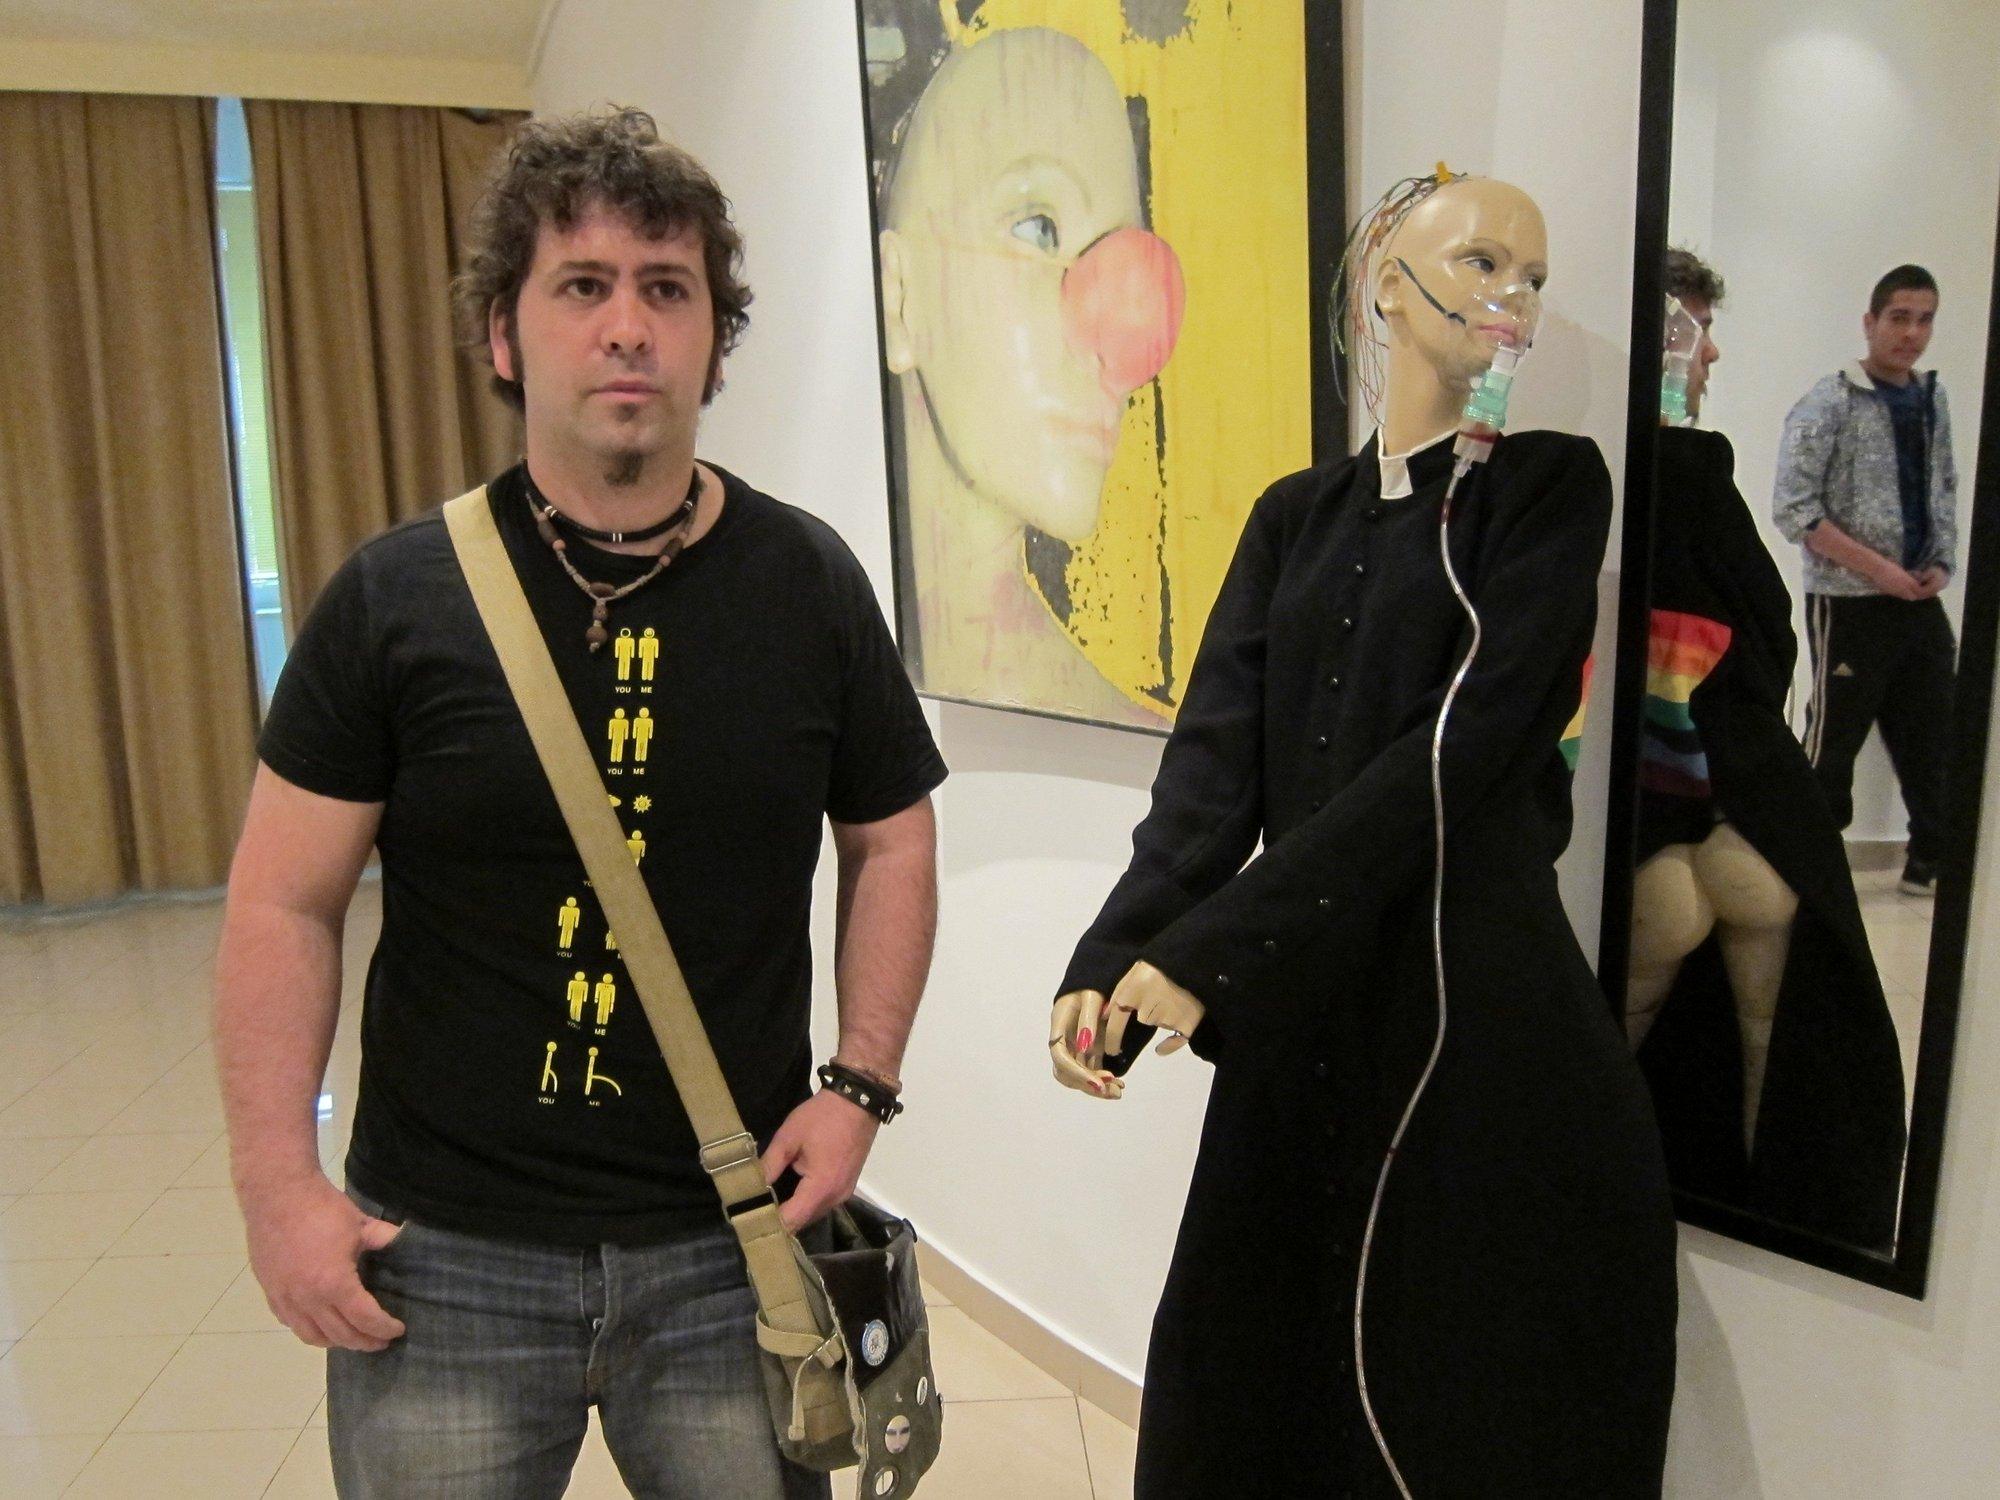 El Espacio Joven de Salamanca muestra una exposición de escultura y fotografía del extremeño Javier Figueredo Fernández